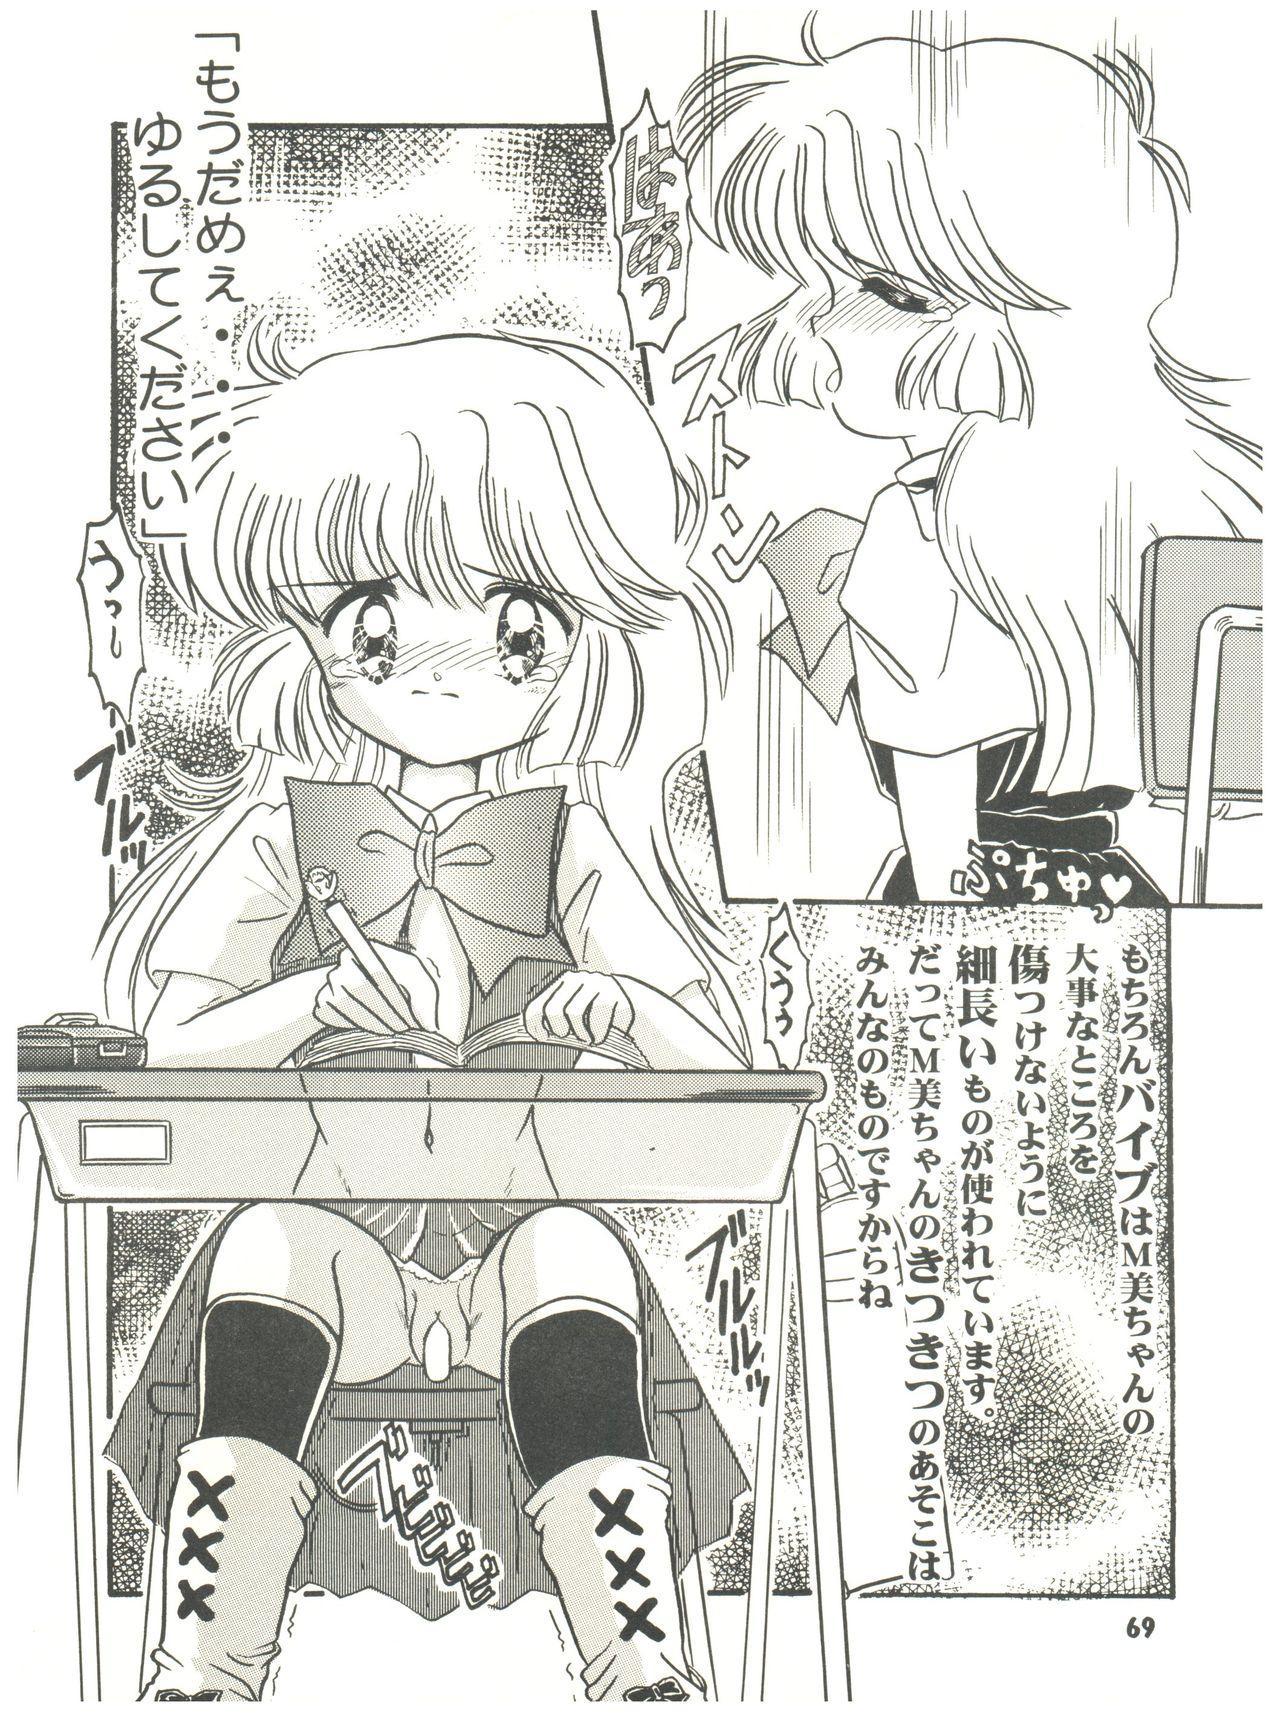 [Sairo Publishing (J. Sairo) En-Jack 2 (Various) 68